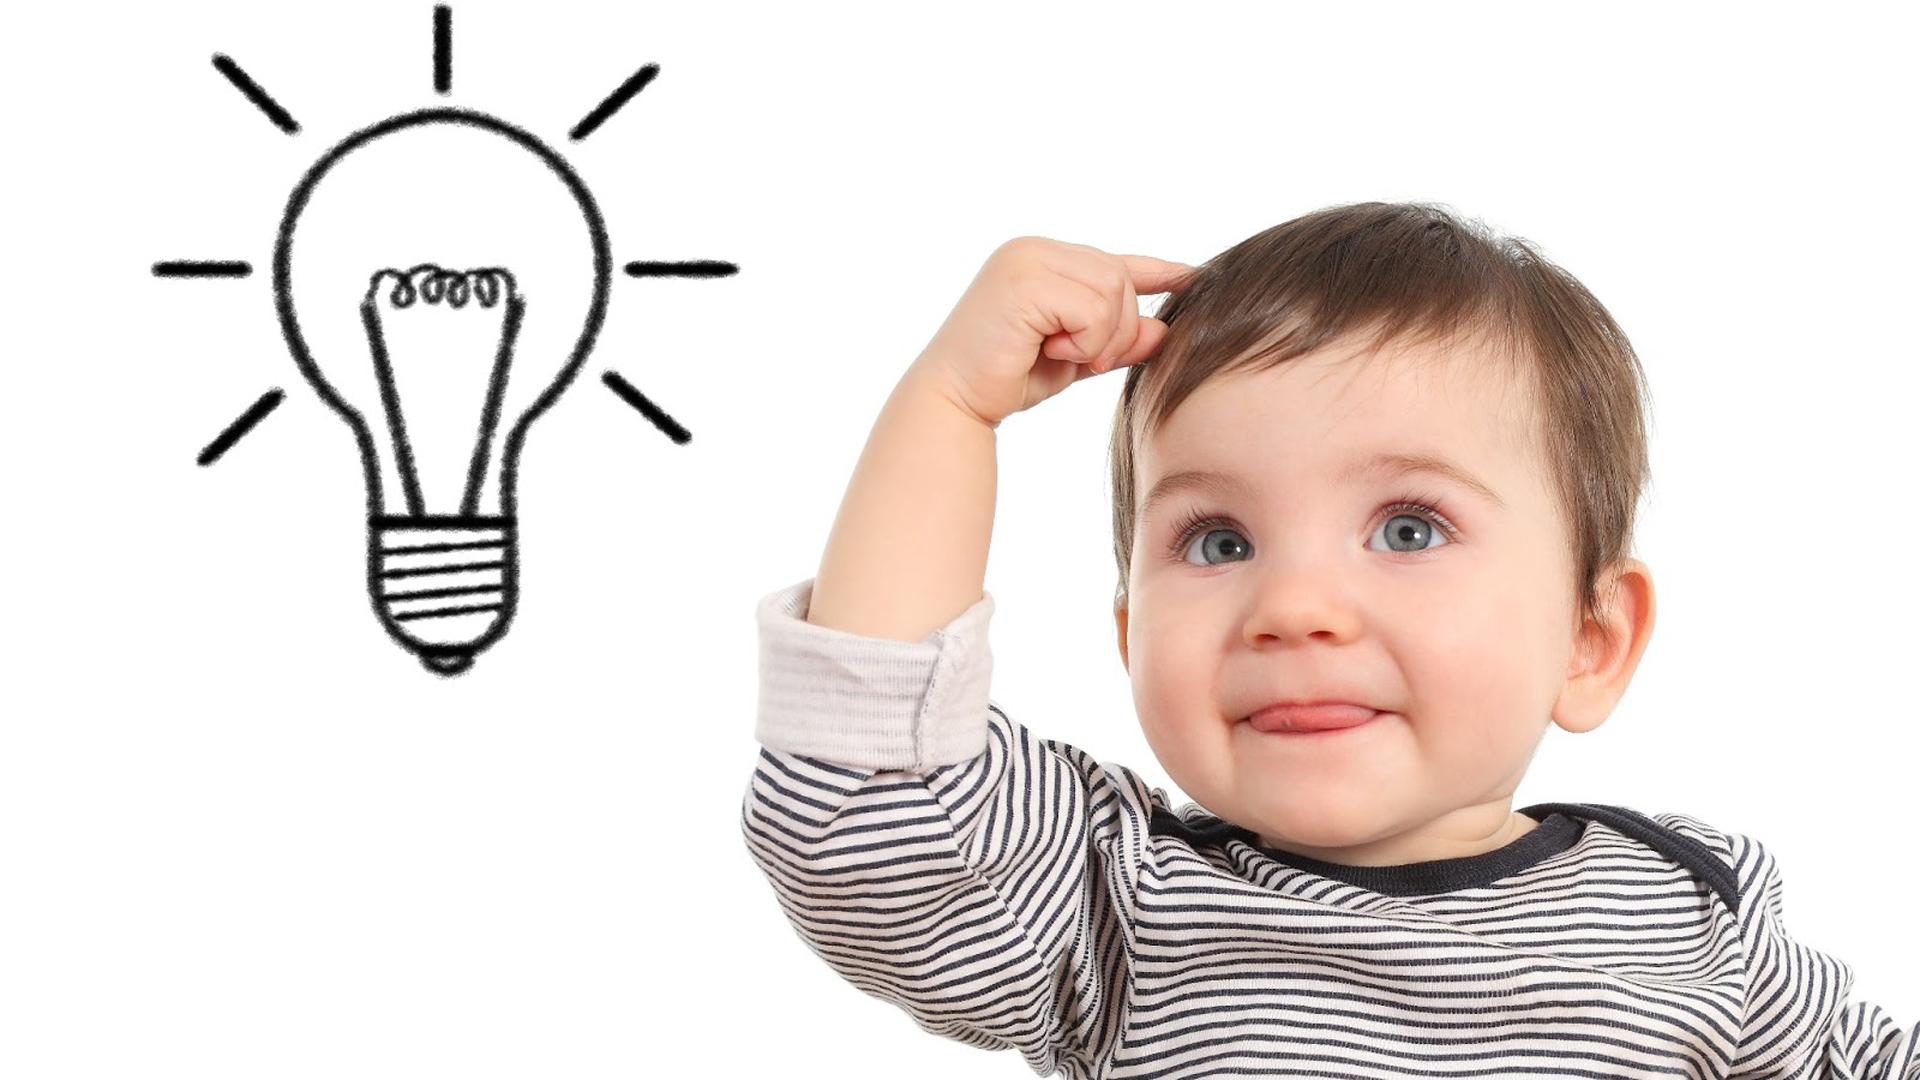 Thành phần dinh dưỡng giúp trẻ 3 tuổi phát triển trí thông minh